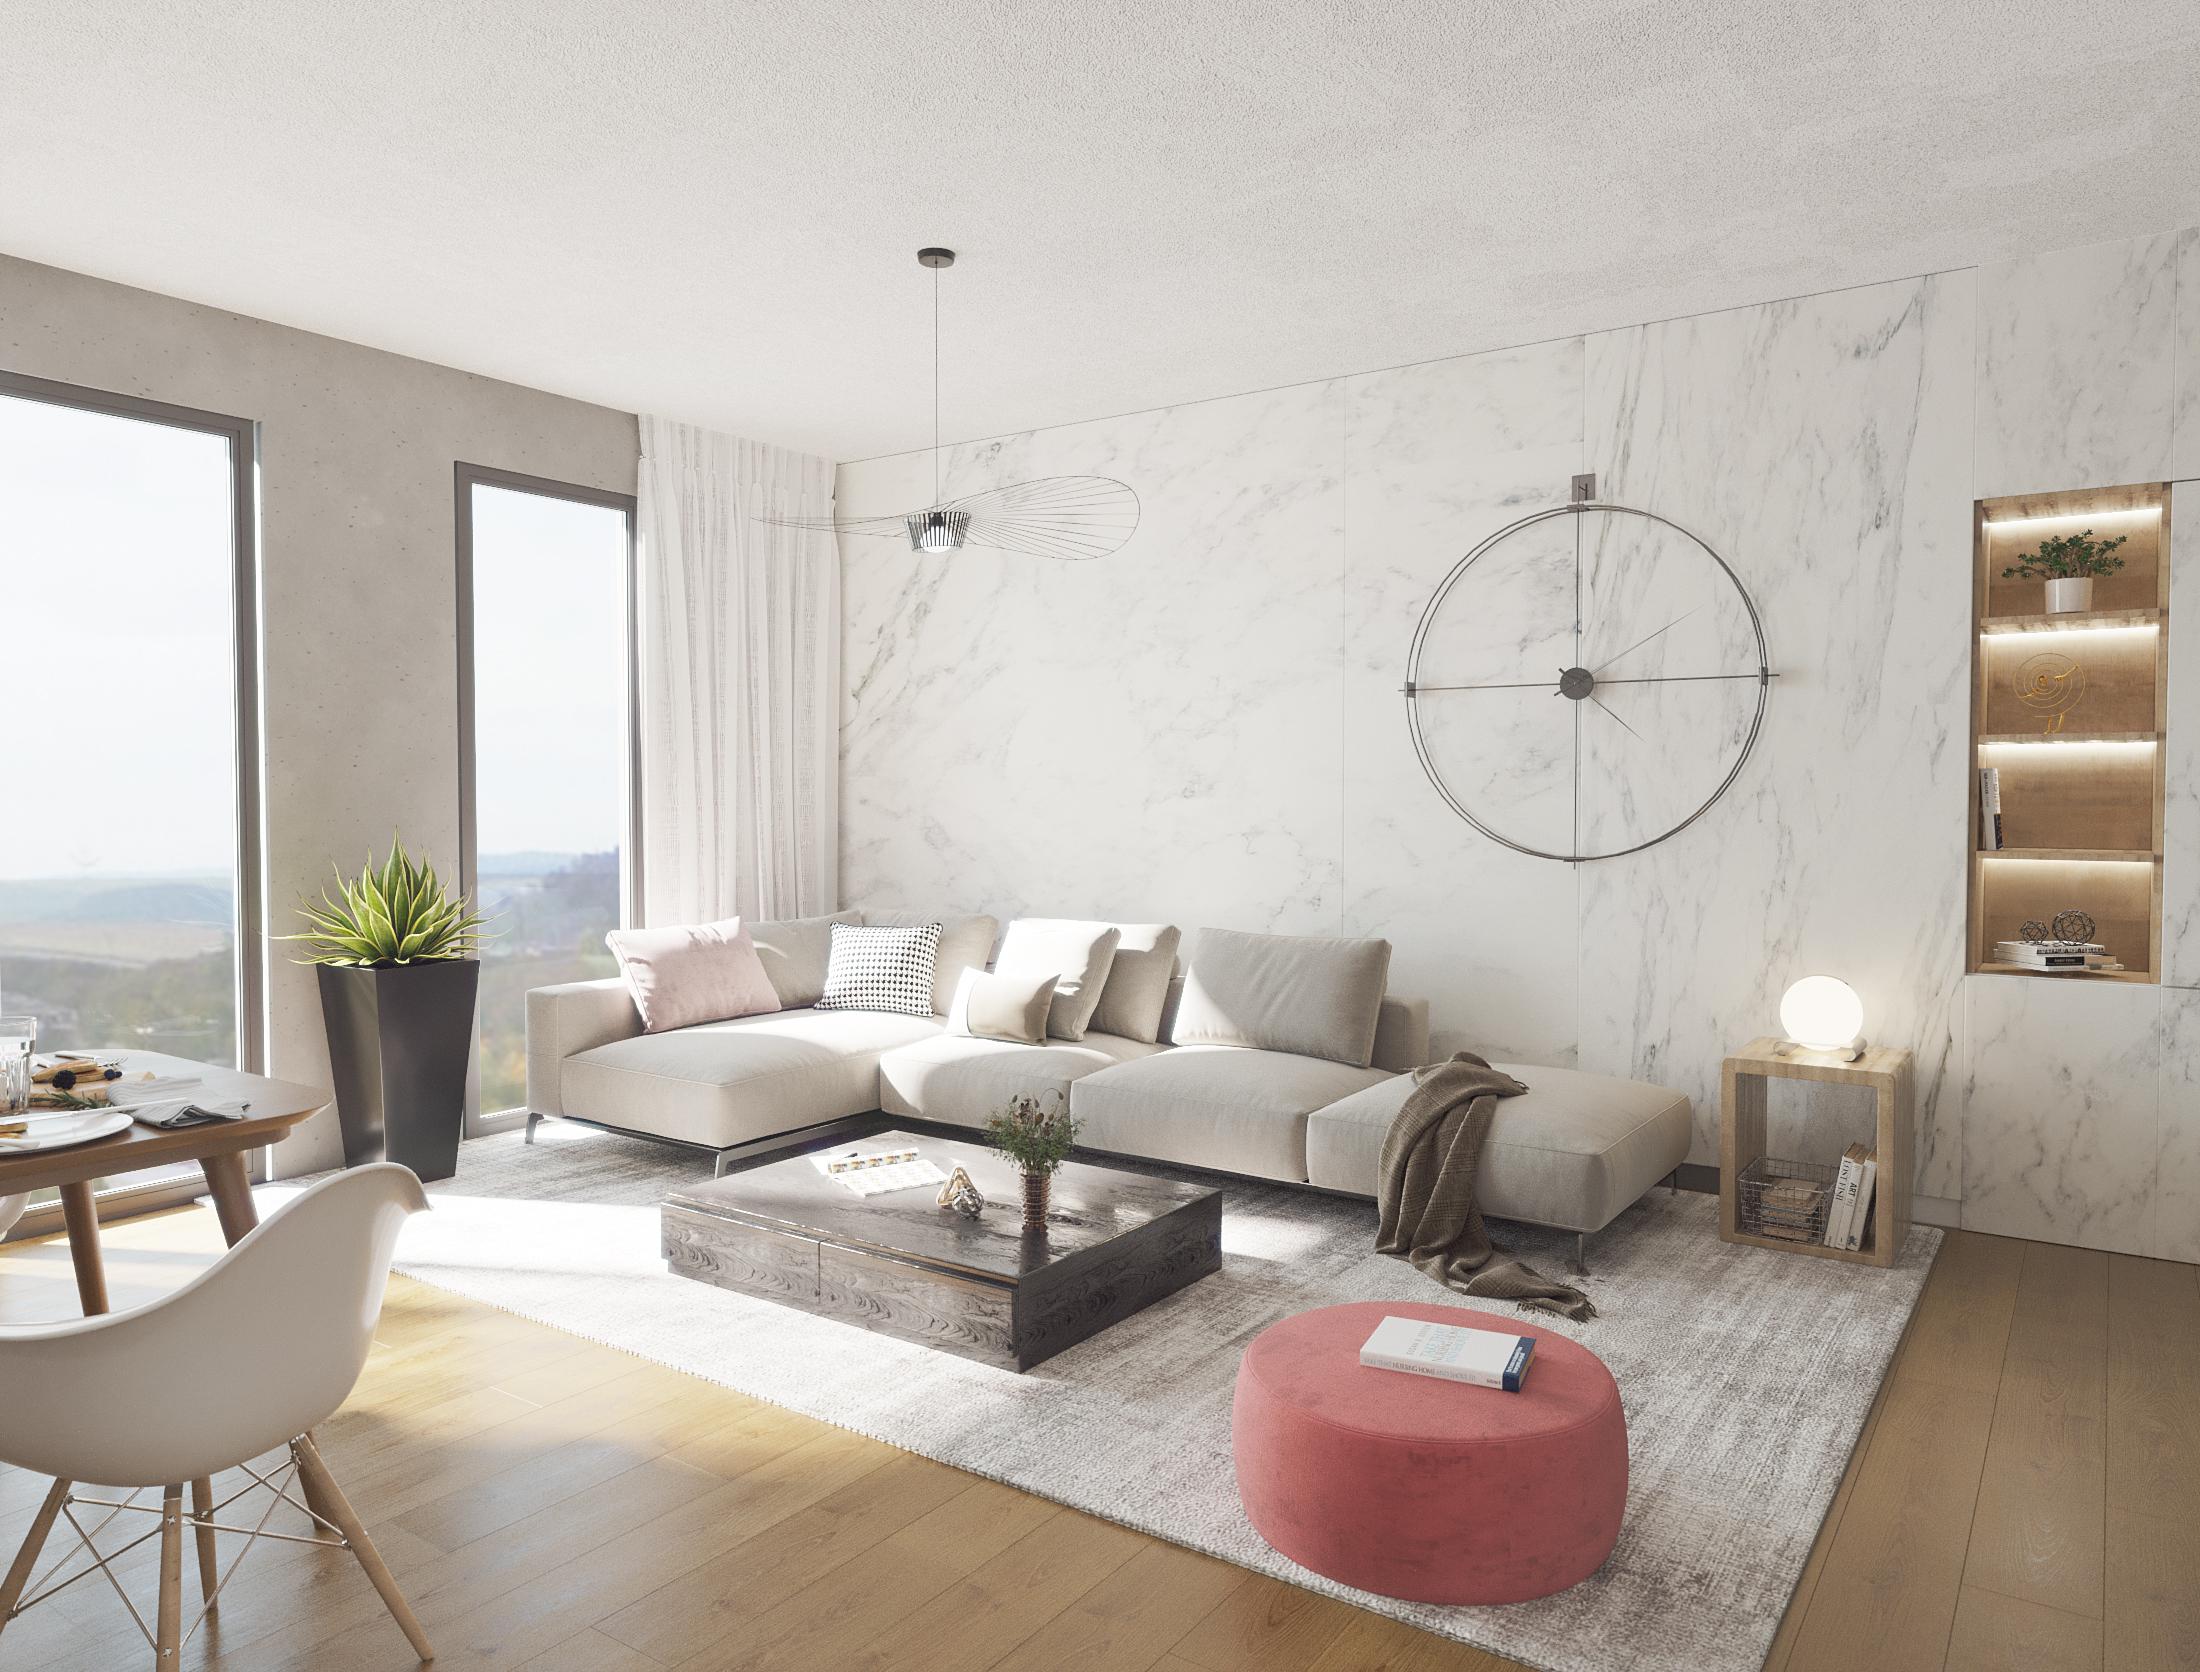 nemovitost bytový dům pod vinicí náhled bytu